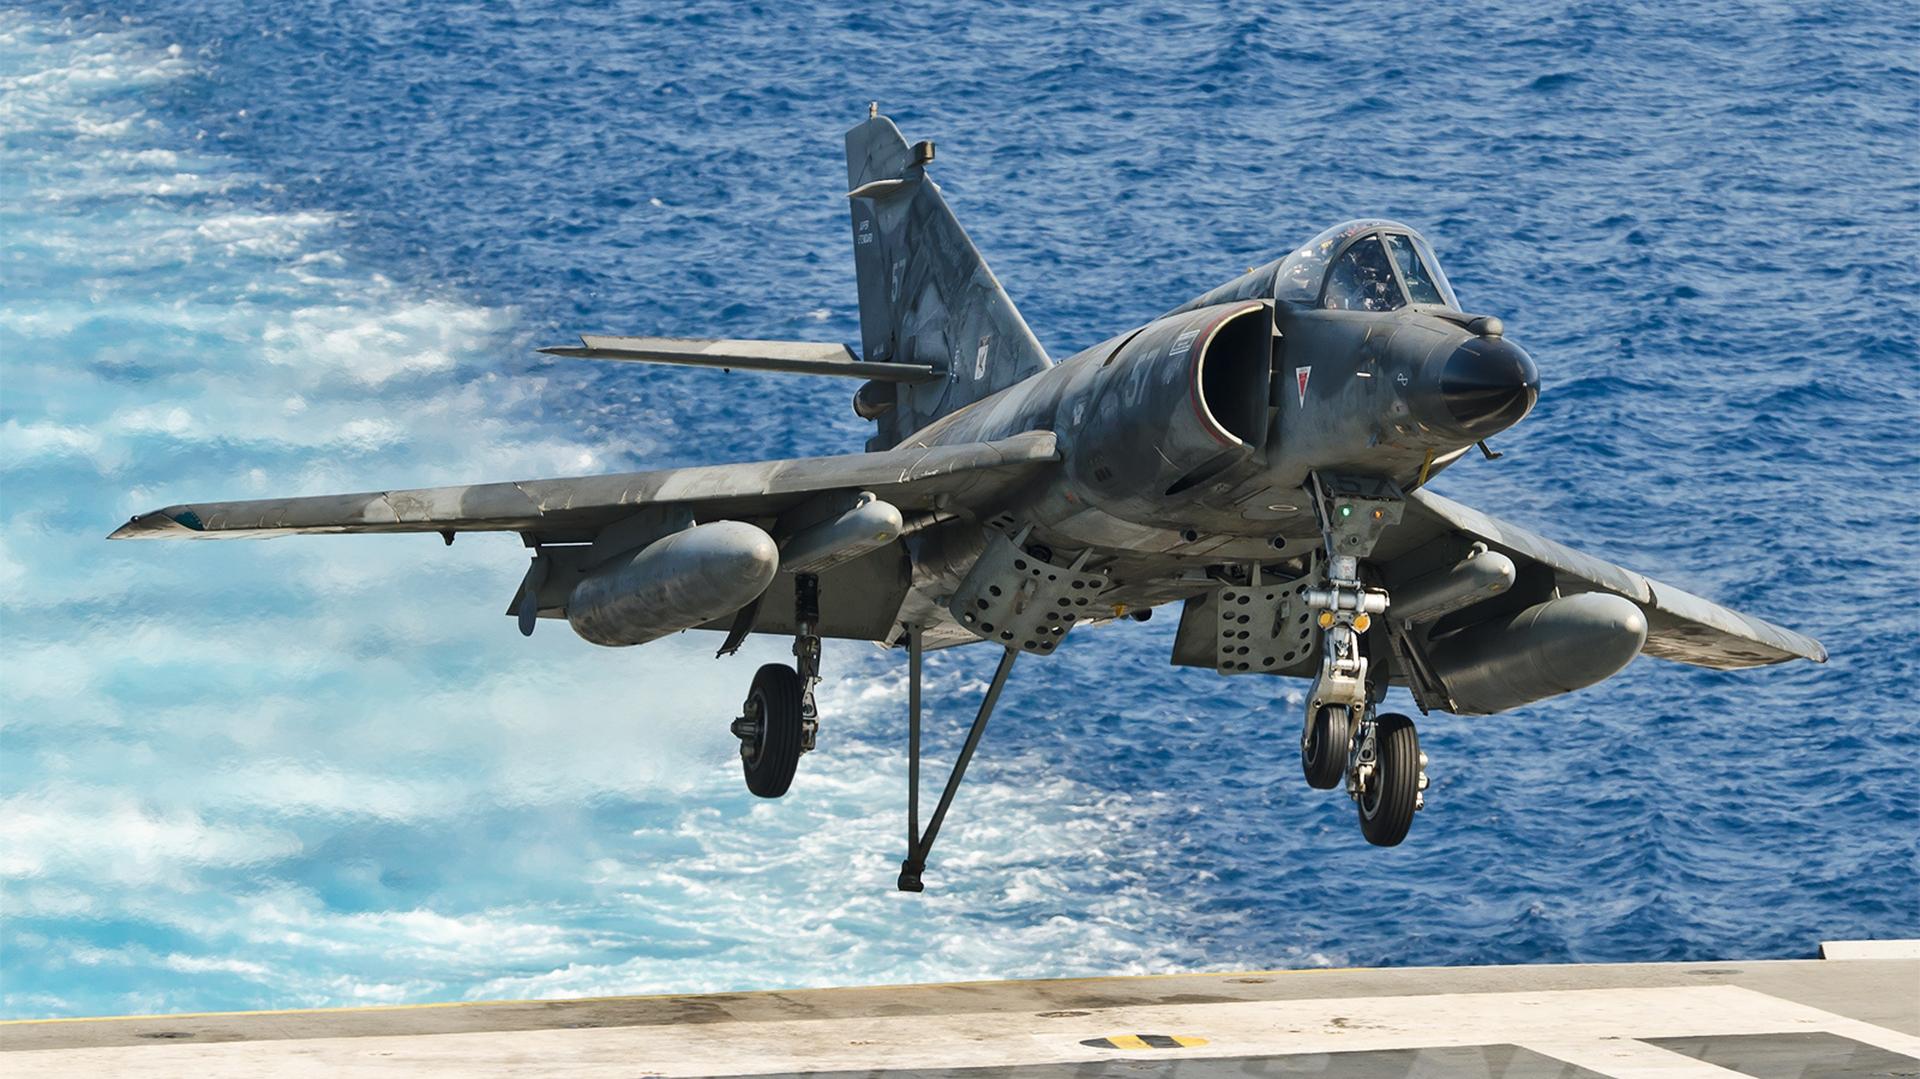 Dassault-Breguet Super Etendard